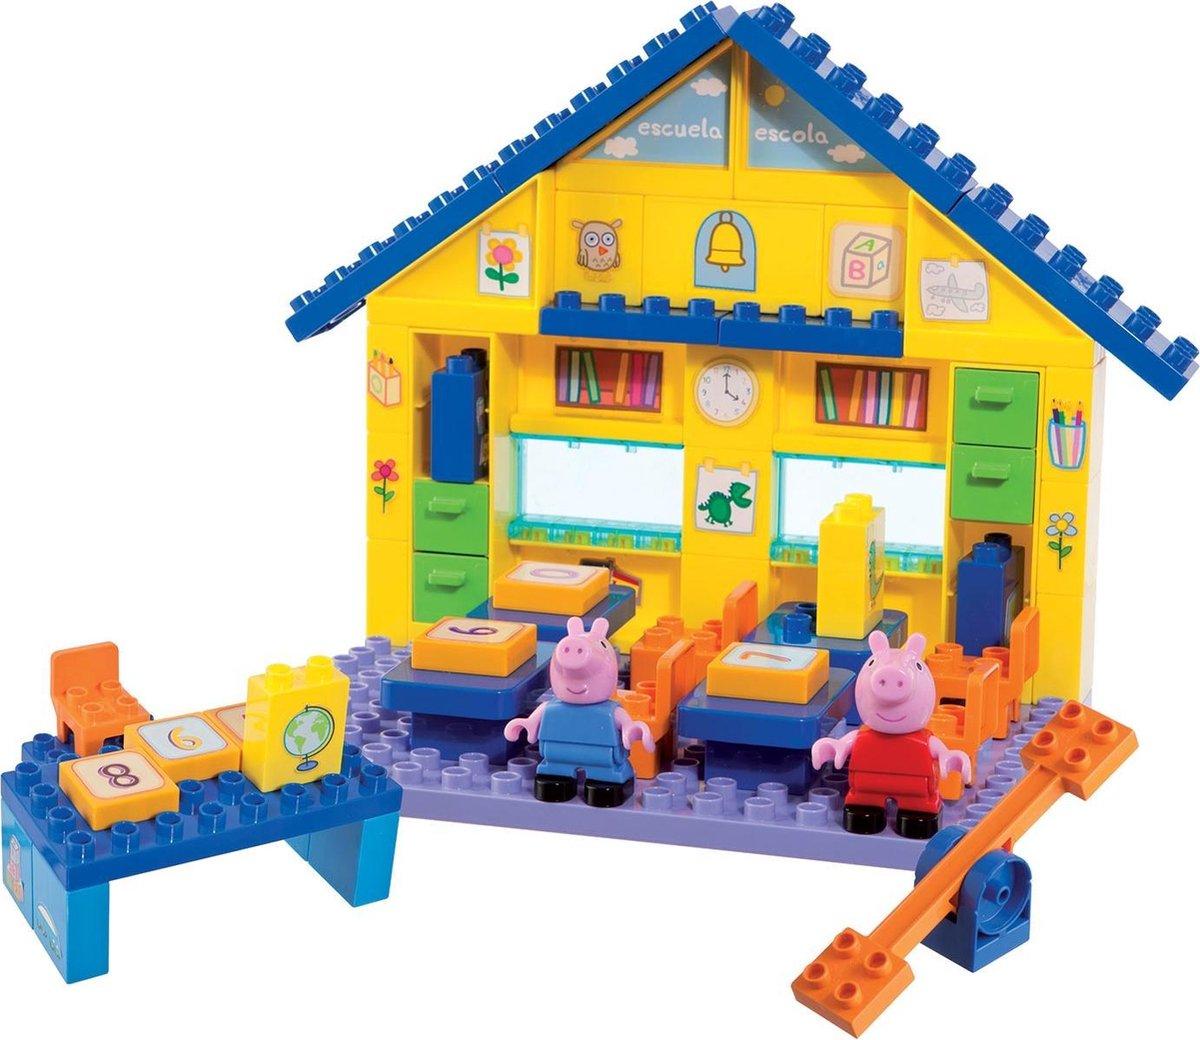 BIG Bloxx Peppa Pig Peppa's School - Constructiespeelgoed - BIG